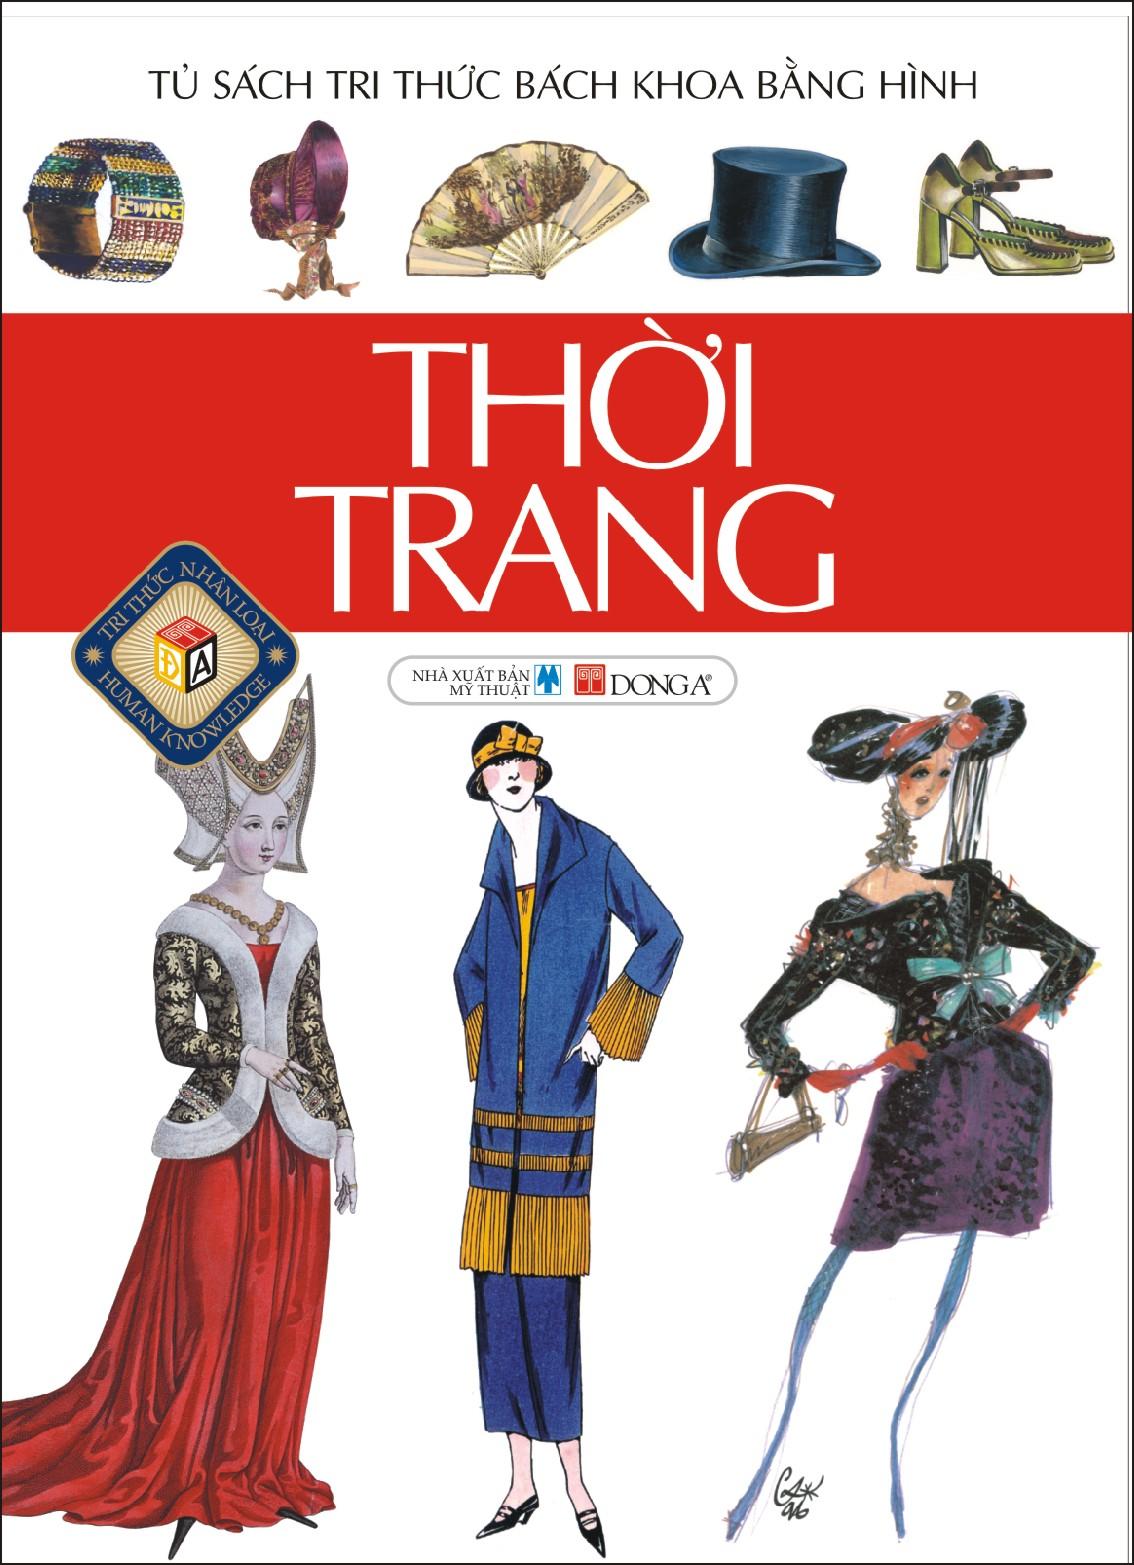 Thời Trang (Tủ Sách Tri Thức Bách Khoa Bằng Hình)